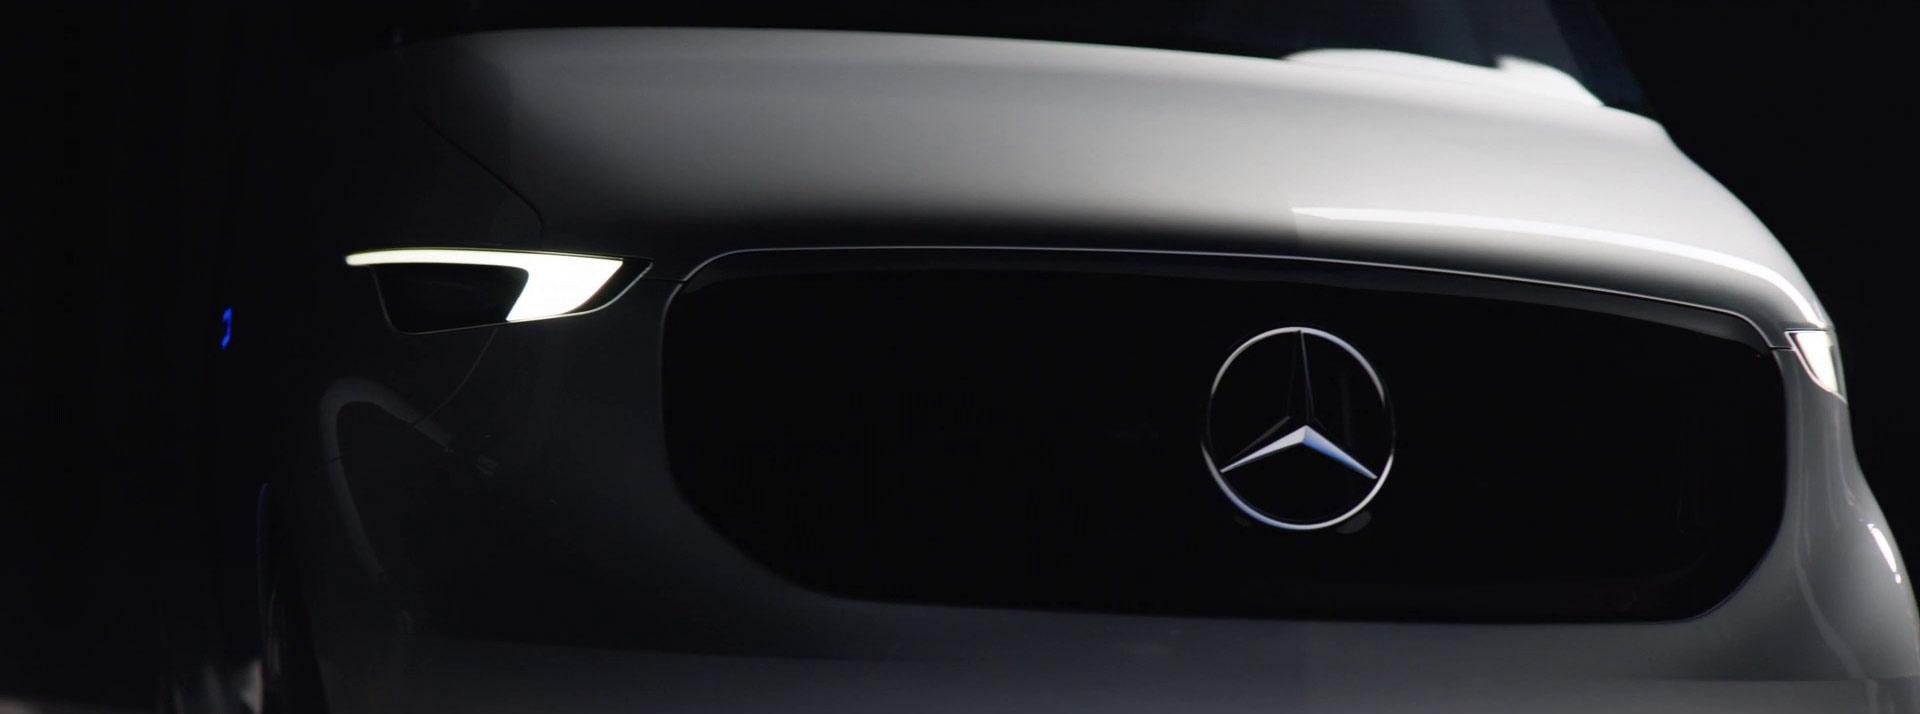 Mercedes Vision Van - DIRECTORS DUO - Kratzin & Schlierf